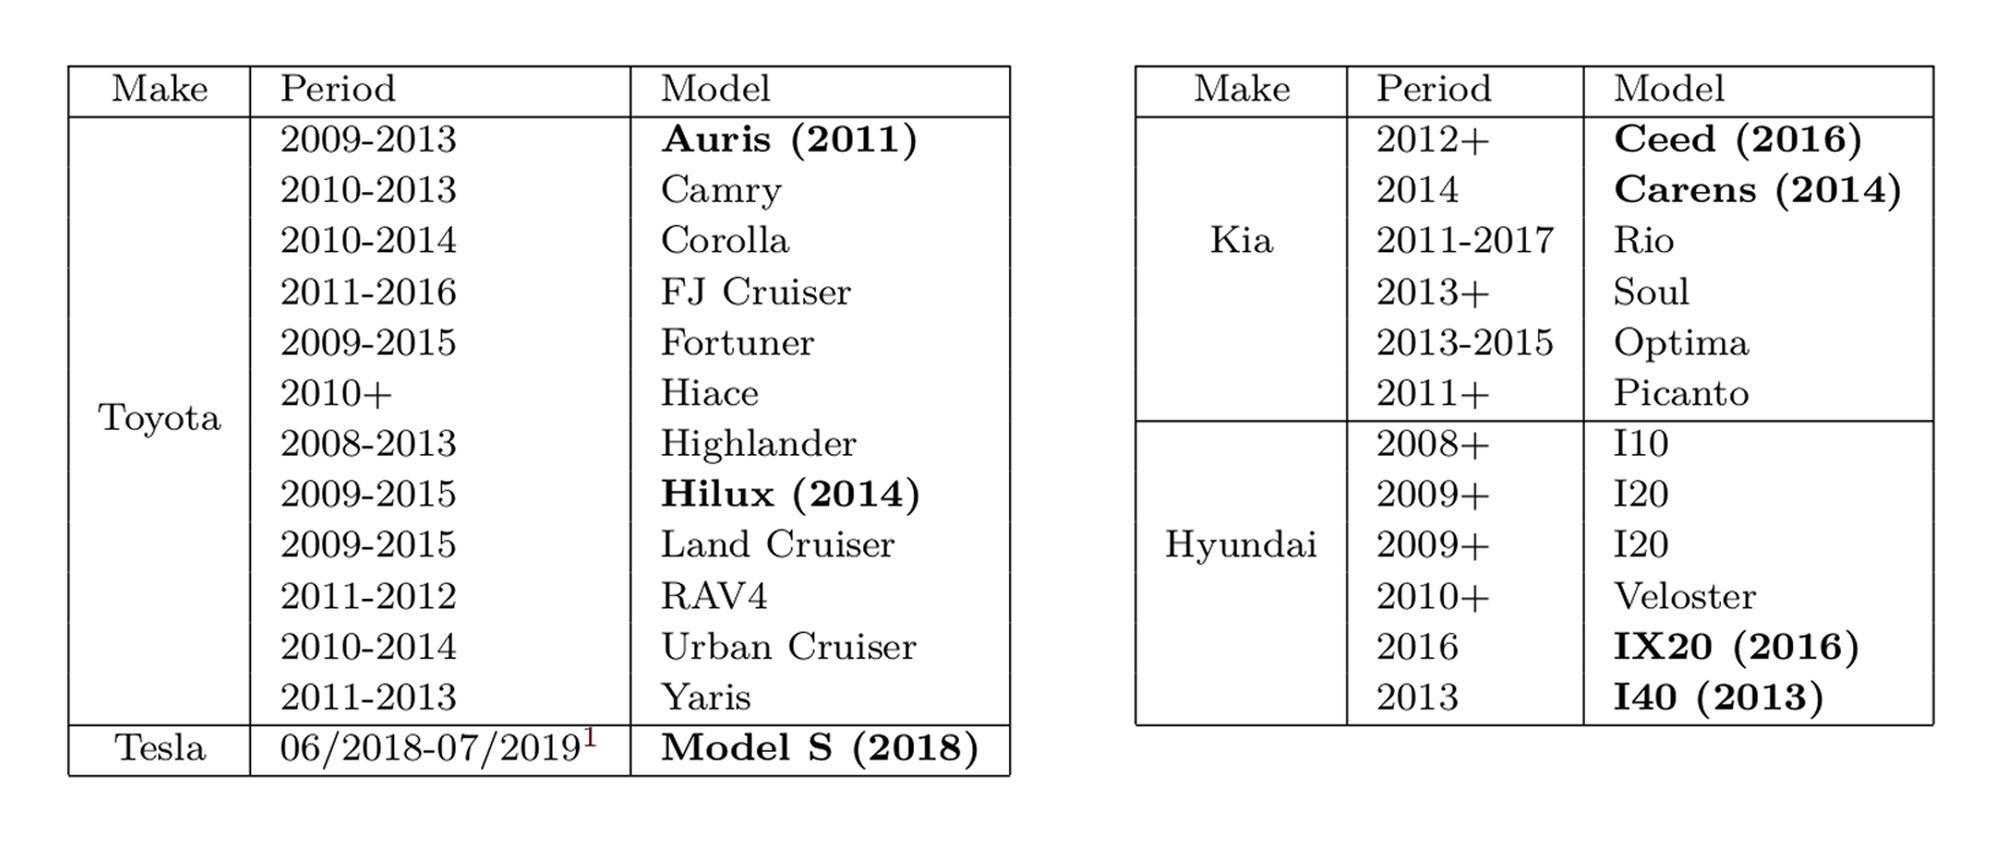 Les véhicules concernés. Les modèles en gras sont examinés par les chercheurs., COSIC